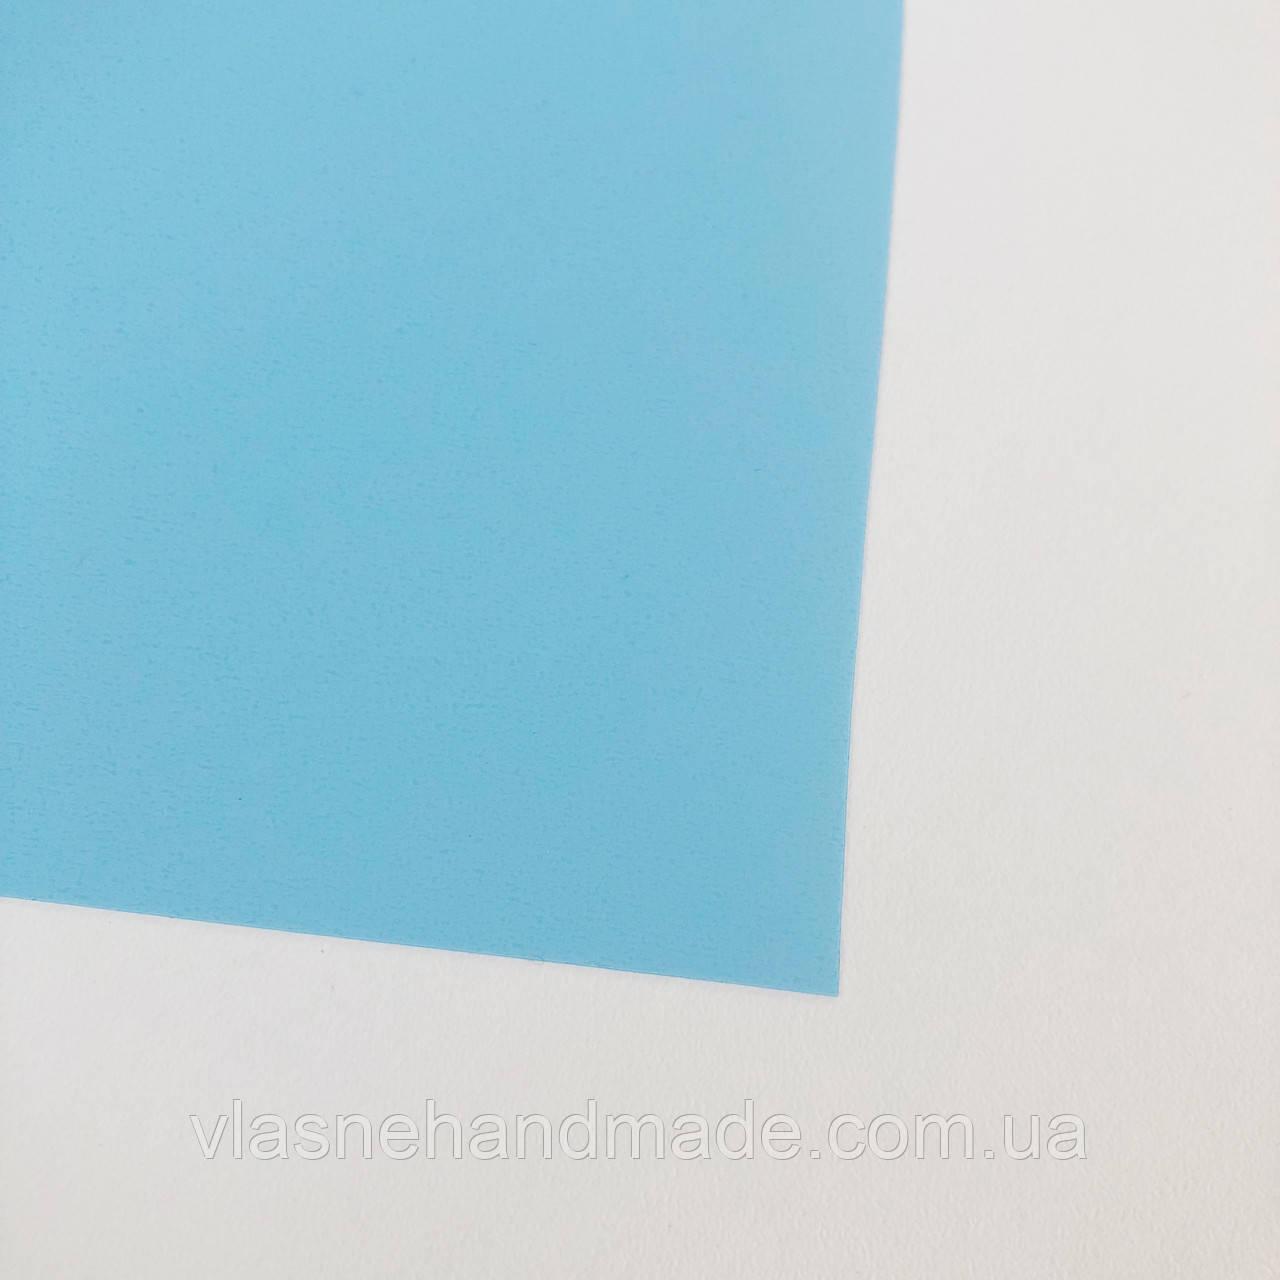 Термотрансферна плівка - матова - світло-блакитна - 10х25 см